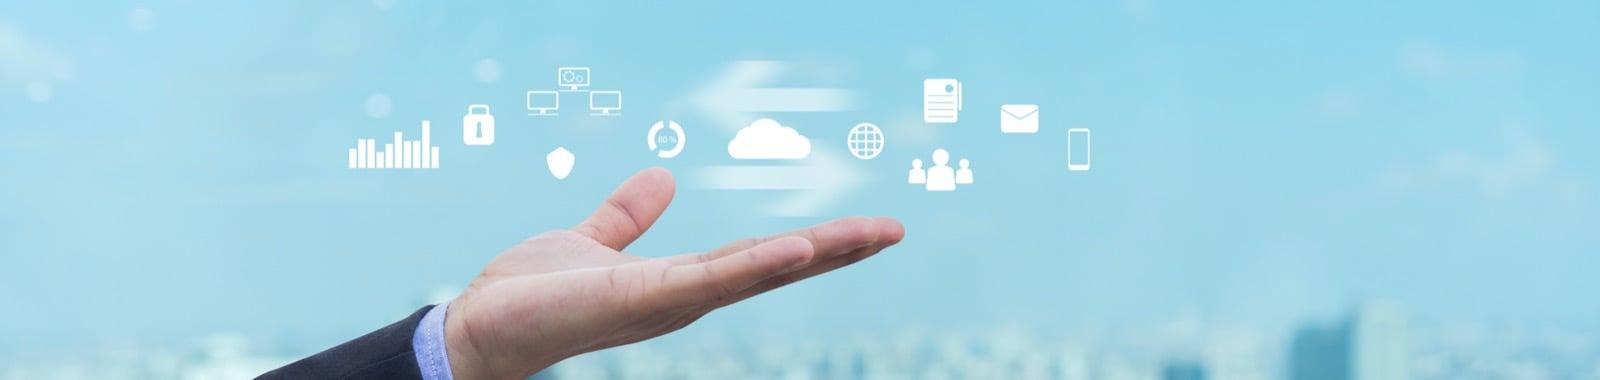 Serving Cloud Computing applications